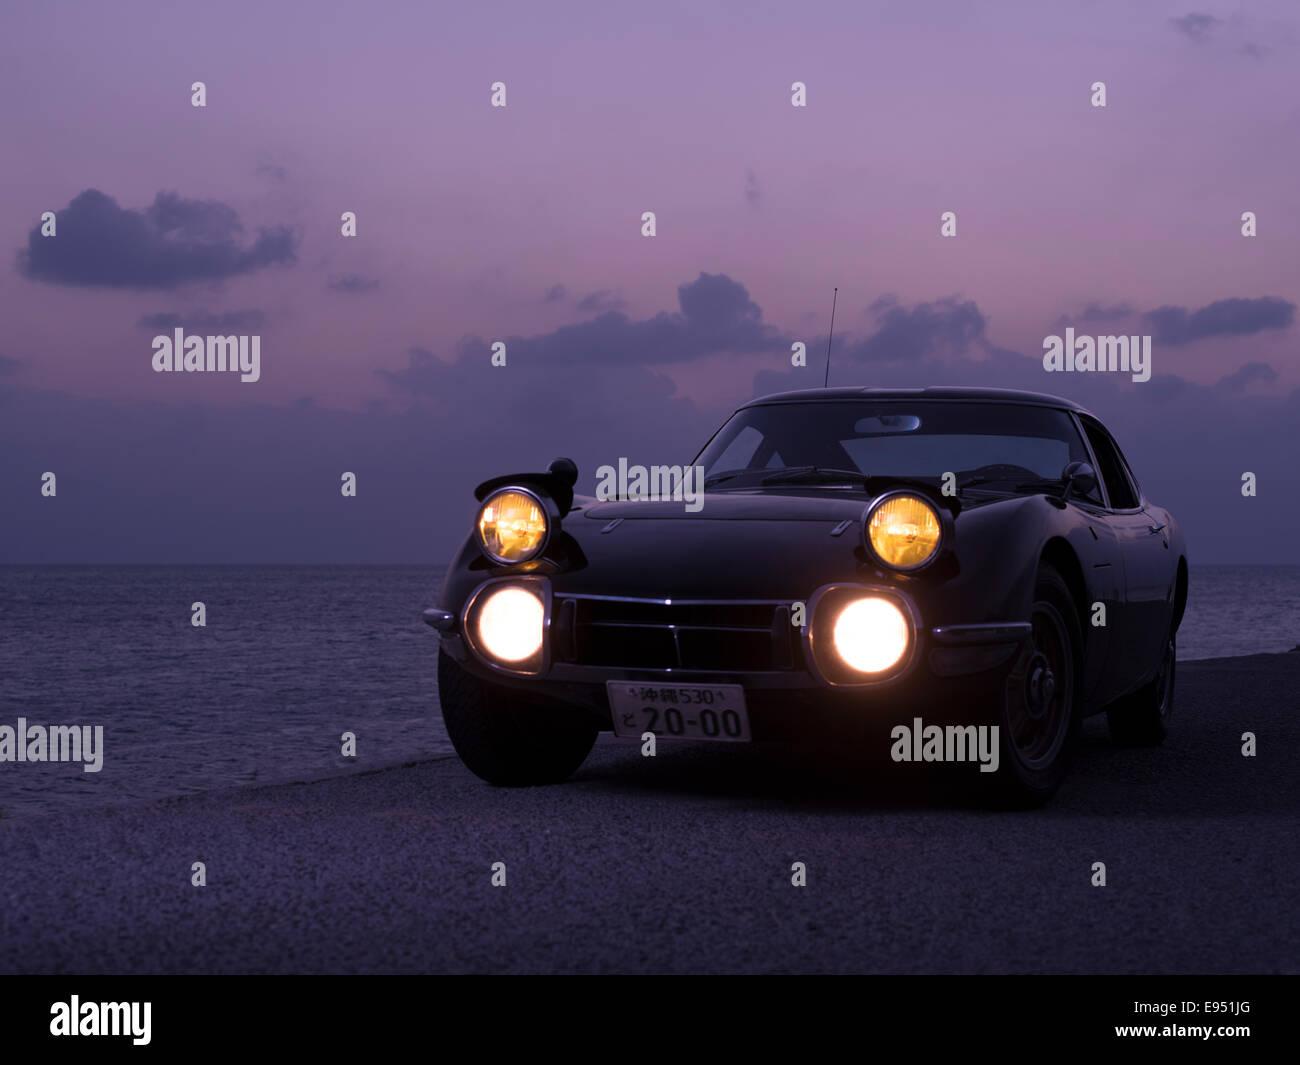 RHD Toyota 2000GT Sportwagen bei Sonnenuntergang in Okinawa, Japan. Extrem seltene klassische ikonische japanische Stockbild